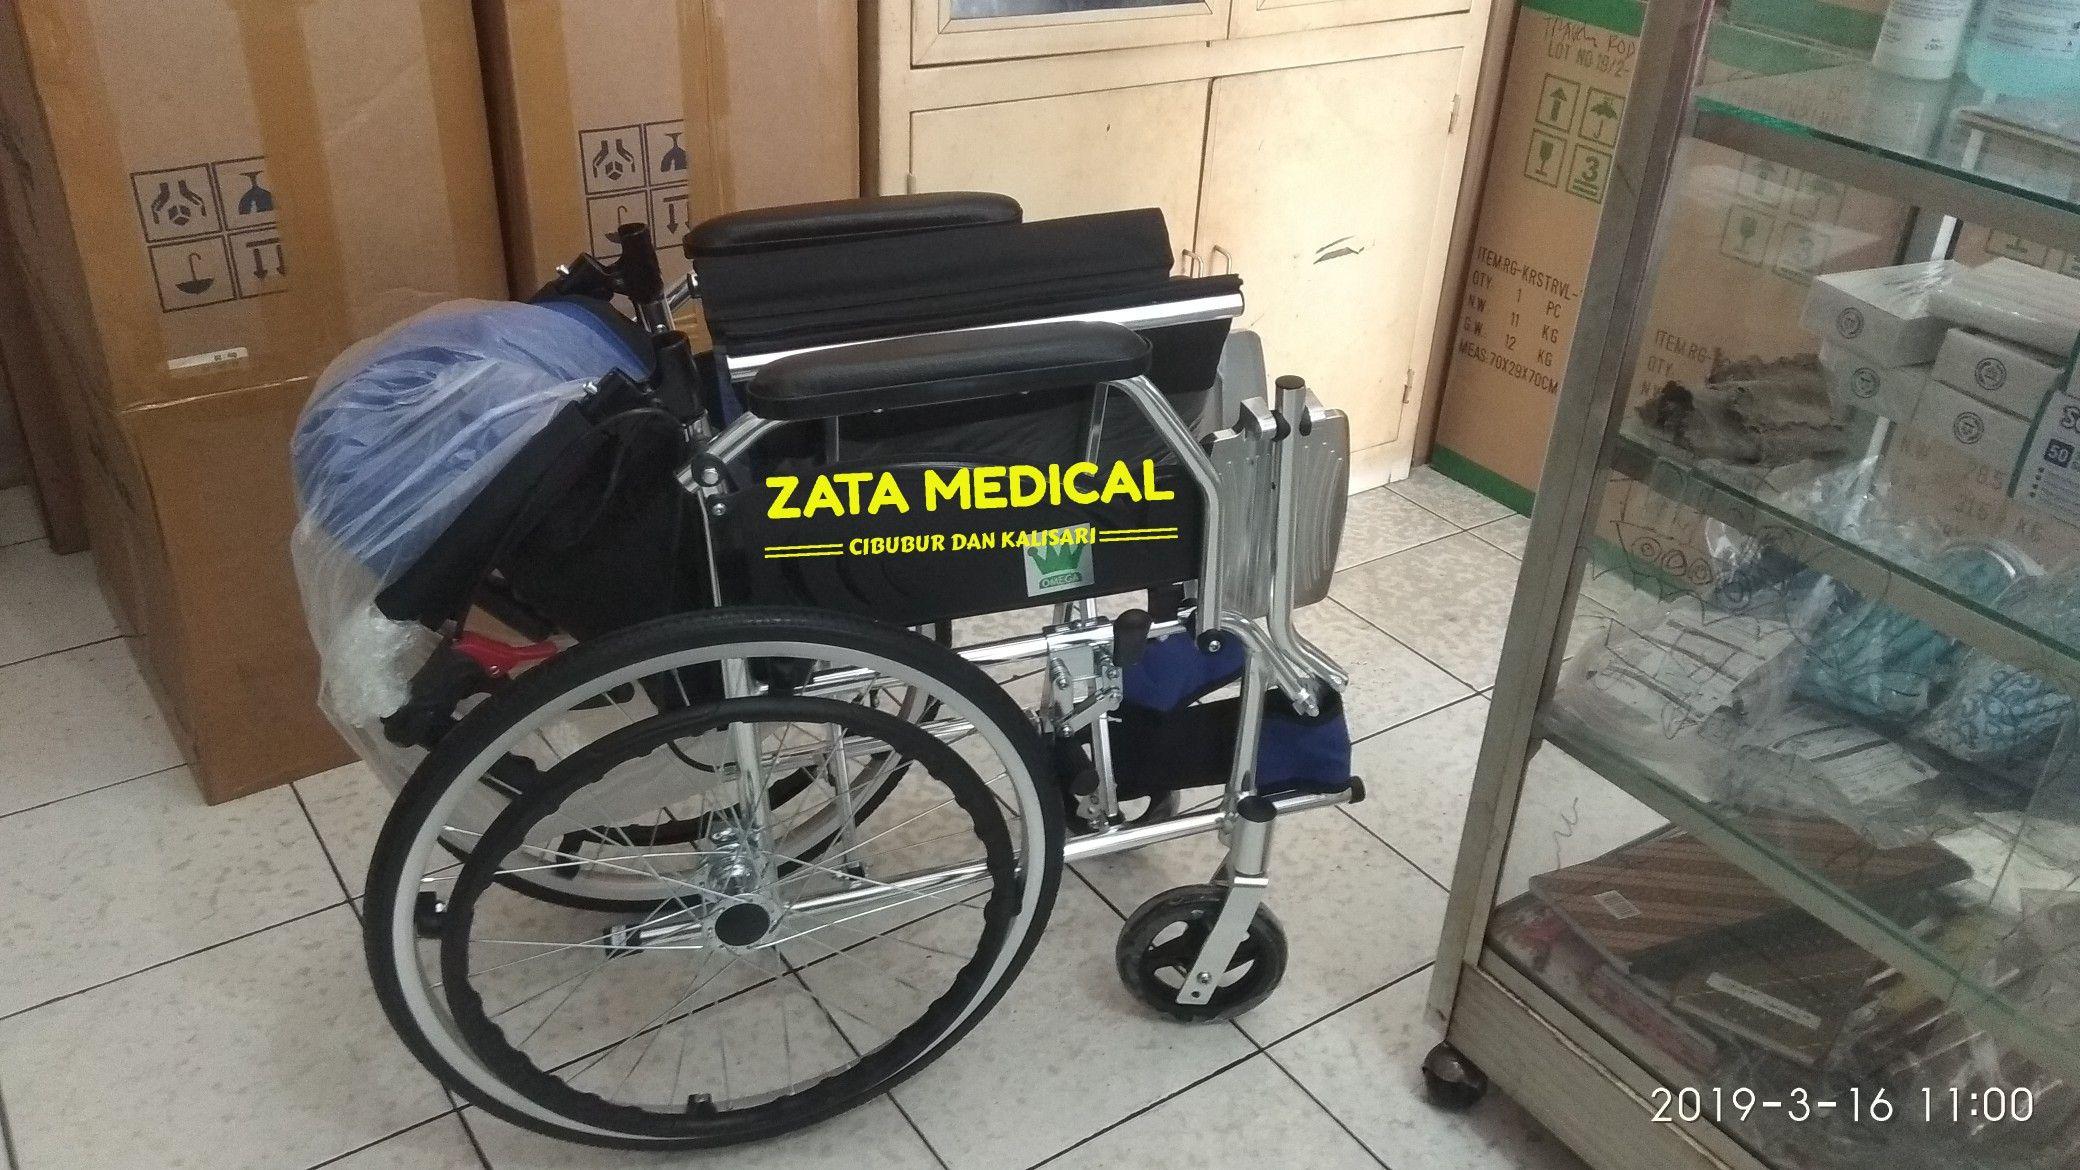 Kursi roda travel, kursi roda ringan, kursi roda standar